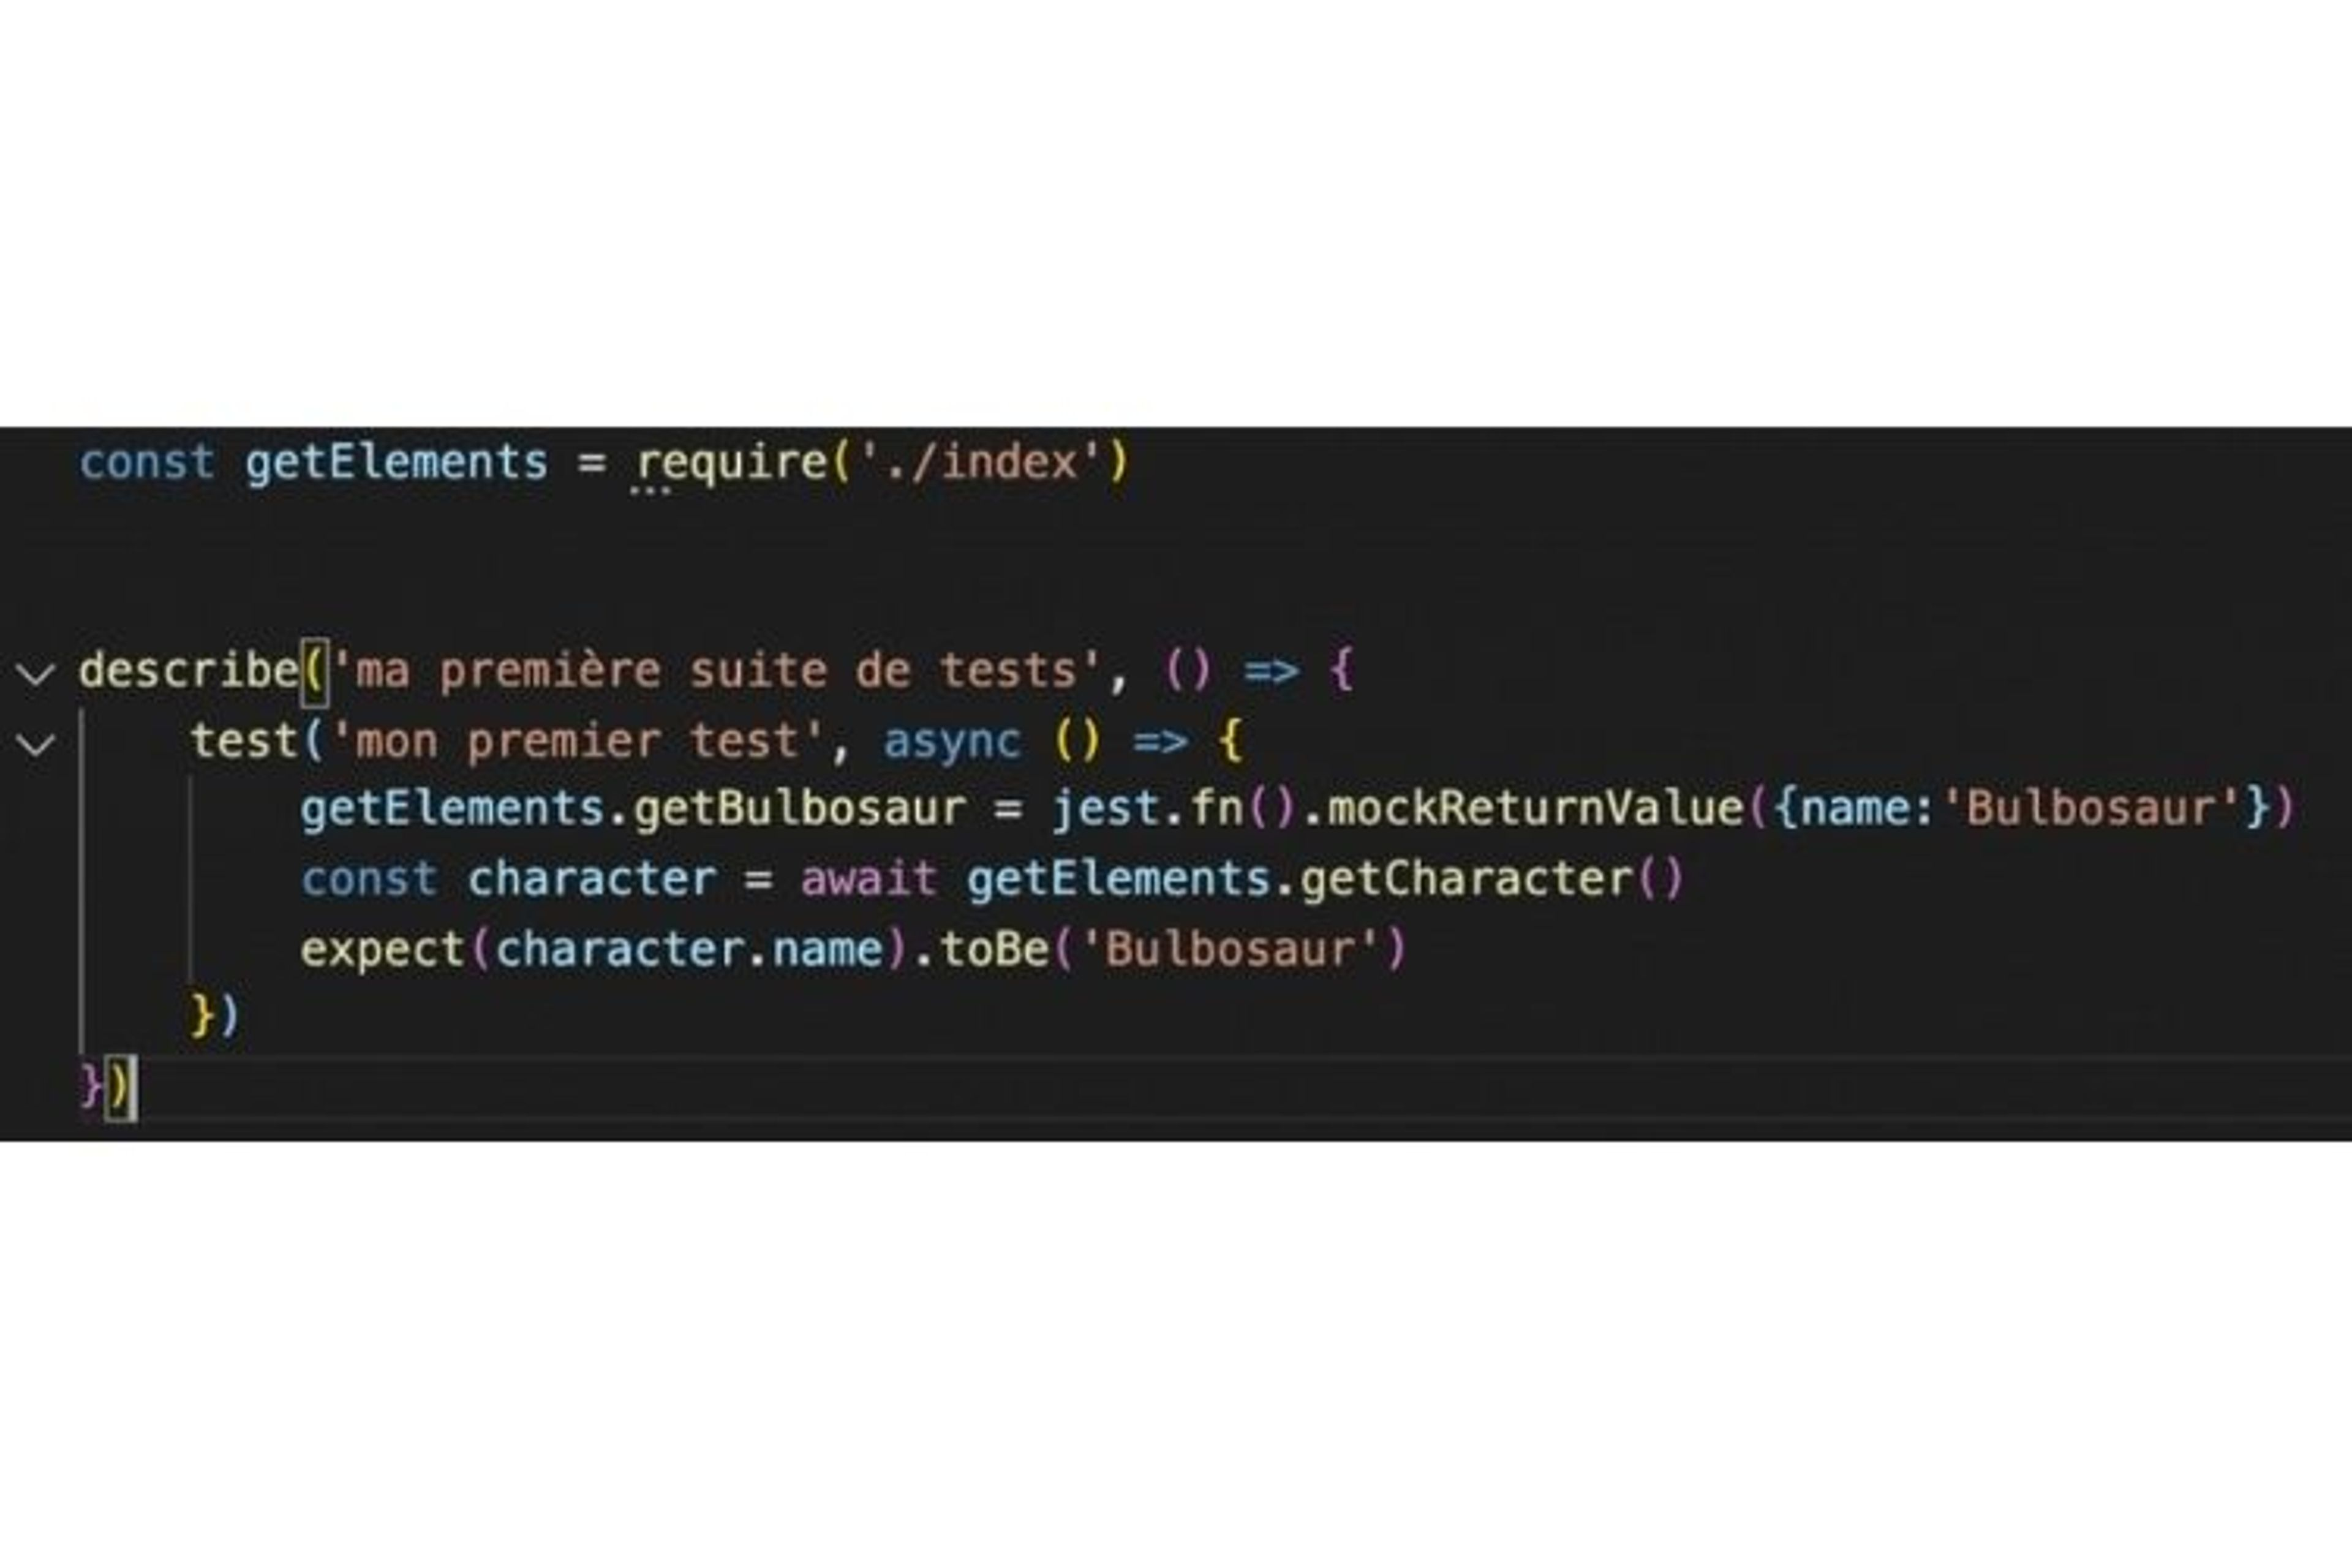 Dans mon test, j'utilise la méthode jest.fn et mockReturnValue pour abstraire l'appel API